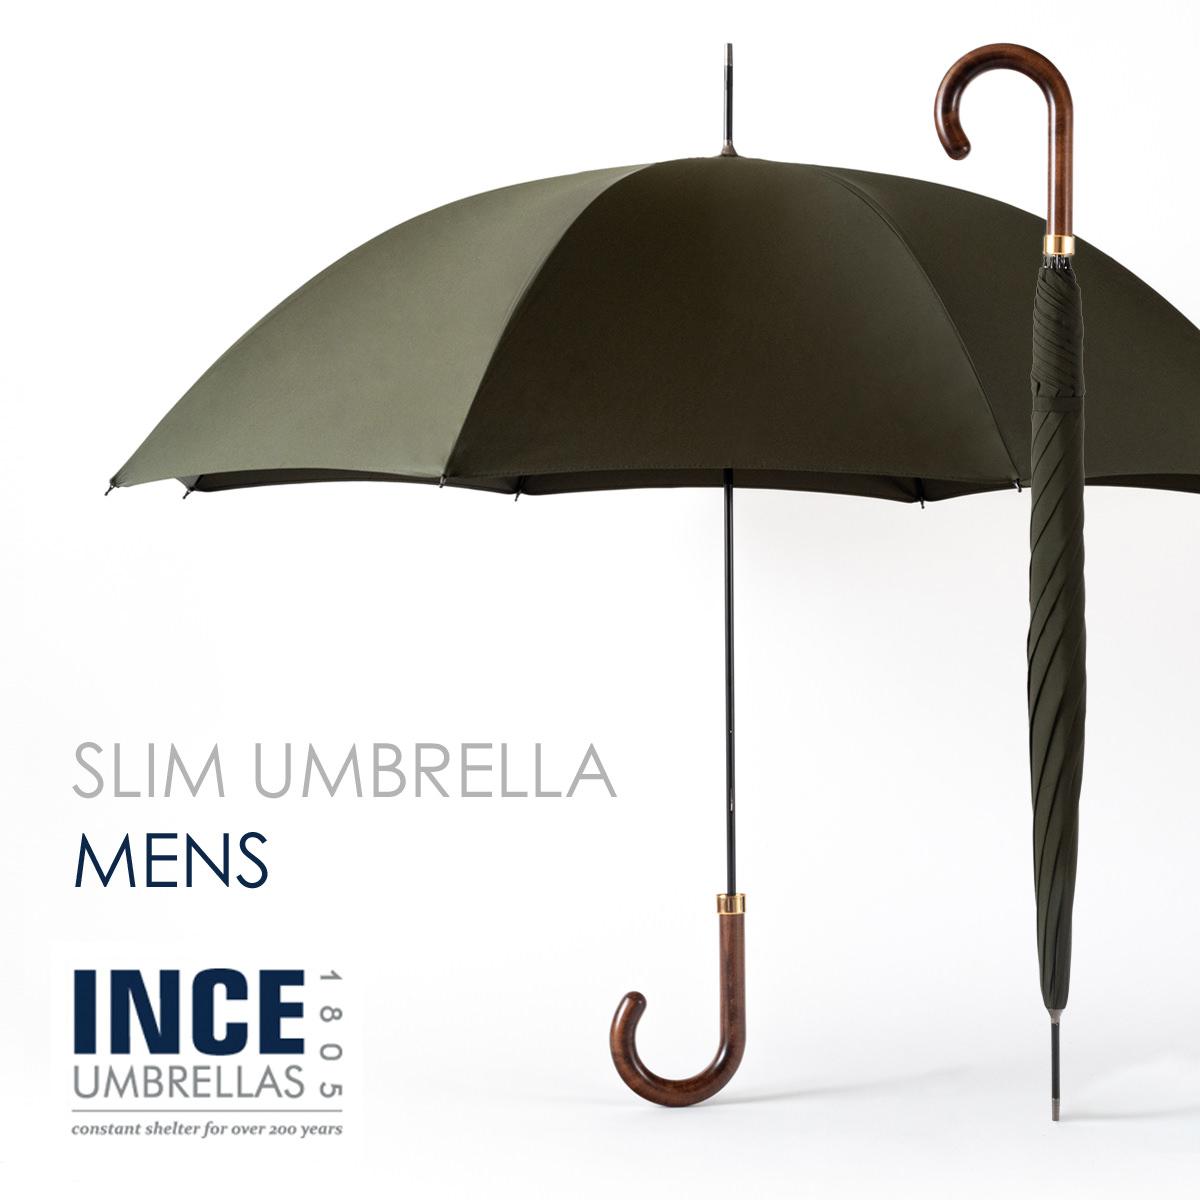 イギリスで最も長い歴史を持つ傘メーカーの細く華奢な傘 細い 丈夫 スタイリッシュ 高級 ウッド 木ハンドル メープル オシャレ グリーン 緑 カーキ incegencs-darkforest 新商品!新型 INCE UMBRELLA City Slim ダークフォレスト 2021 長傘 かさ 紳士 イギリス ギフト 引出物 スリム 日傘兼用 無地 Forest シティ 新作 Dark ロンドン メンズ インスアンブレラ